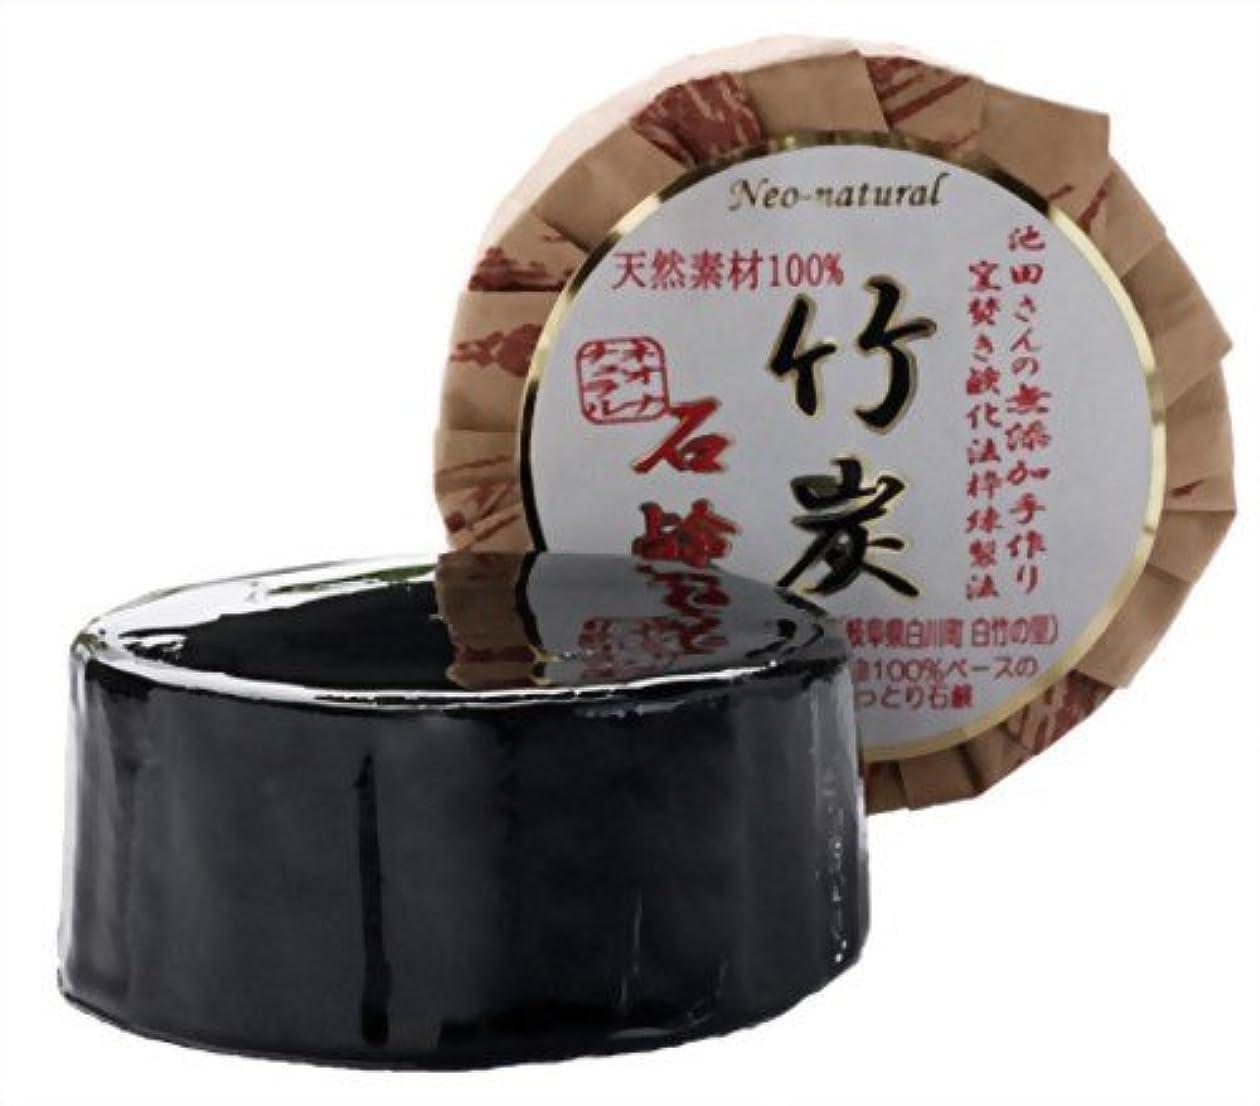 密物理的に落とし穴ネオナチュラル 池田さんの竹炭石鹸 105g